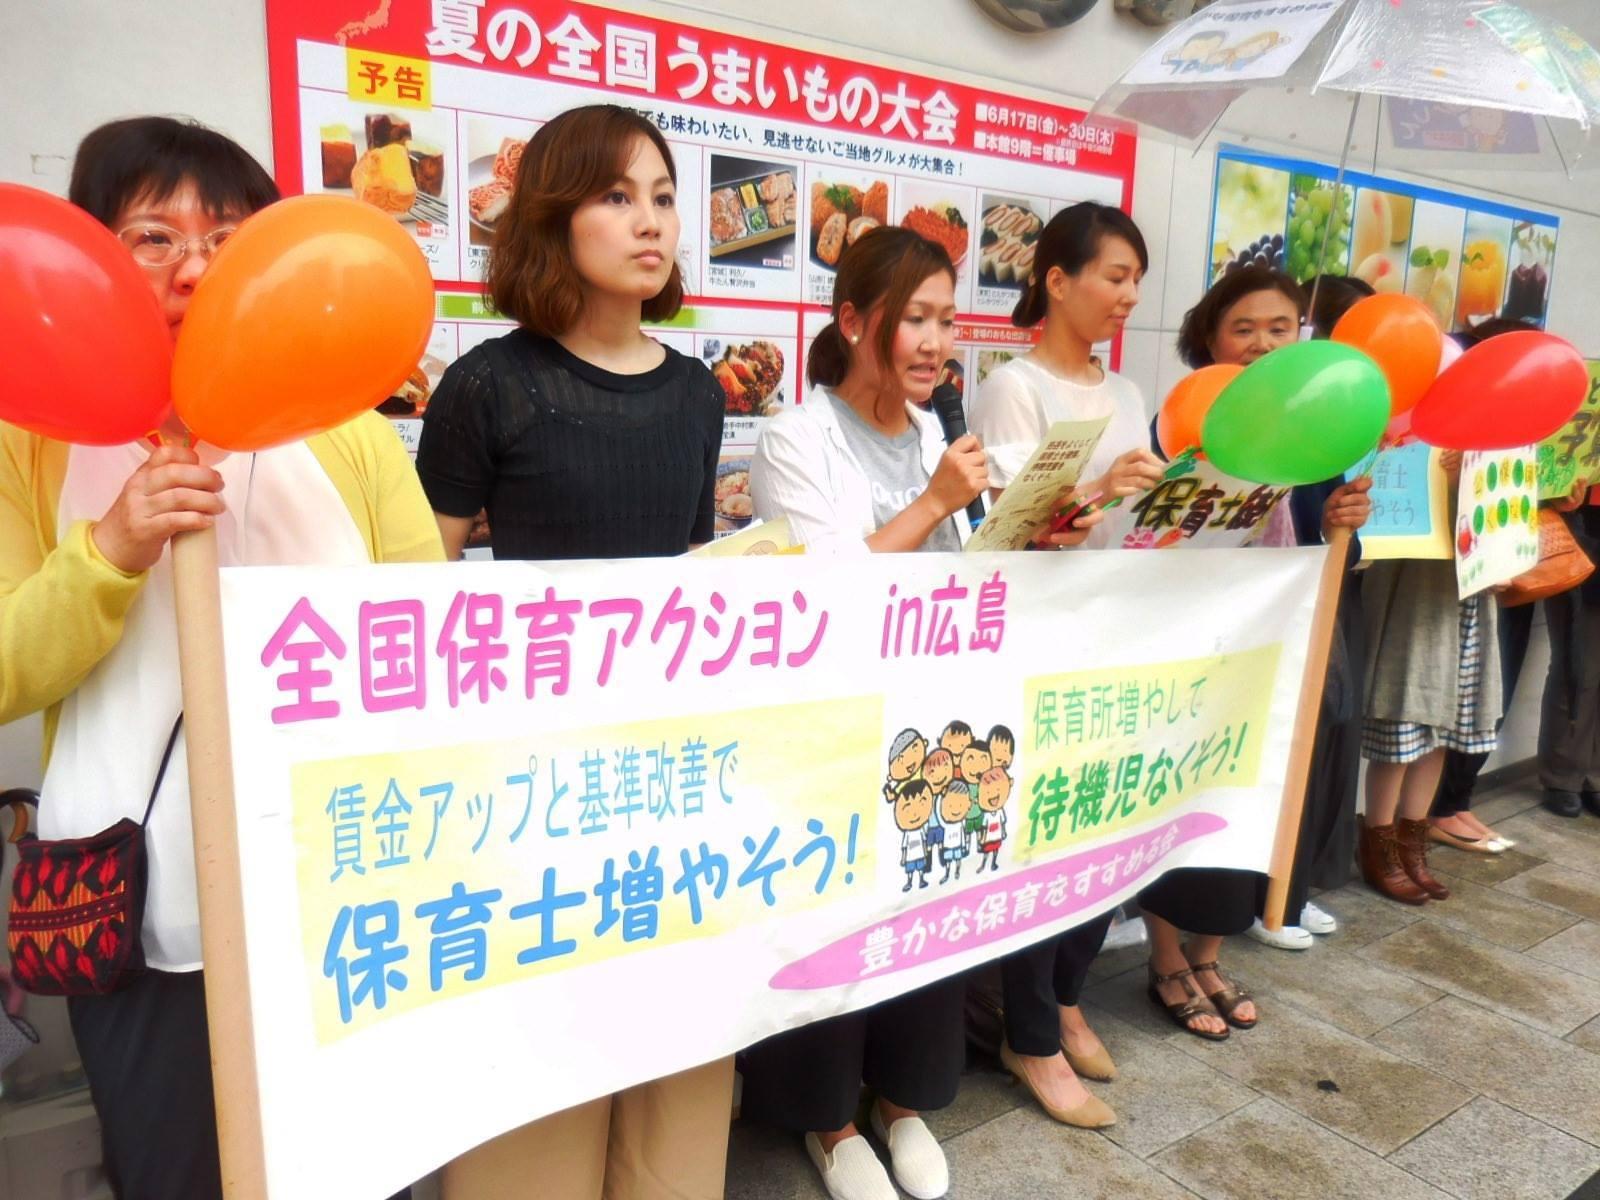 保育の改善を求めていっせい宣伝 保育士・保護者ら_e0094315_20414932.jpg